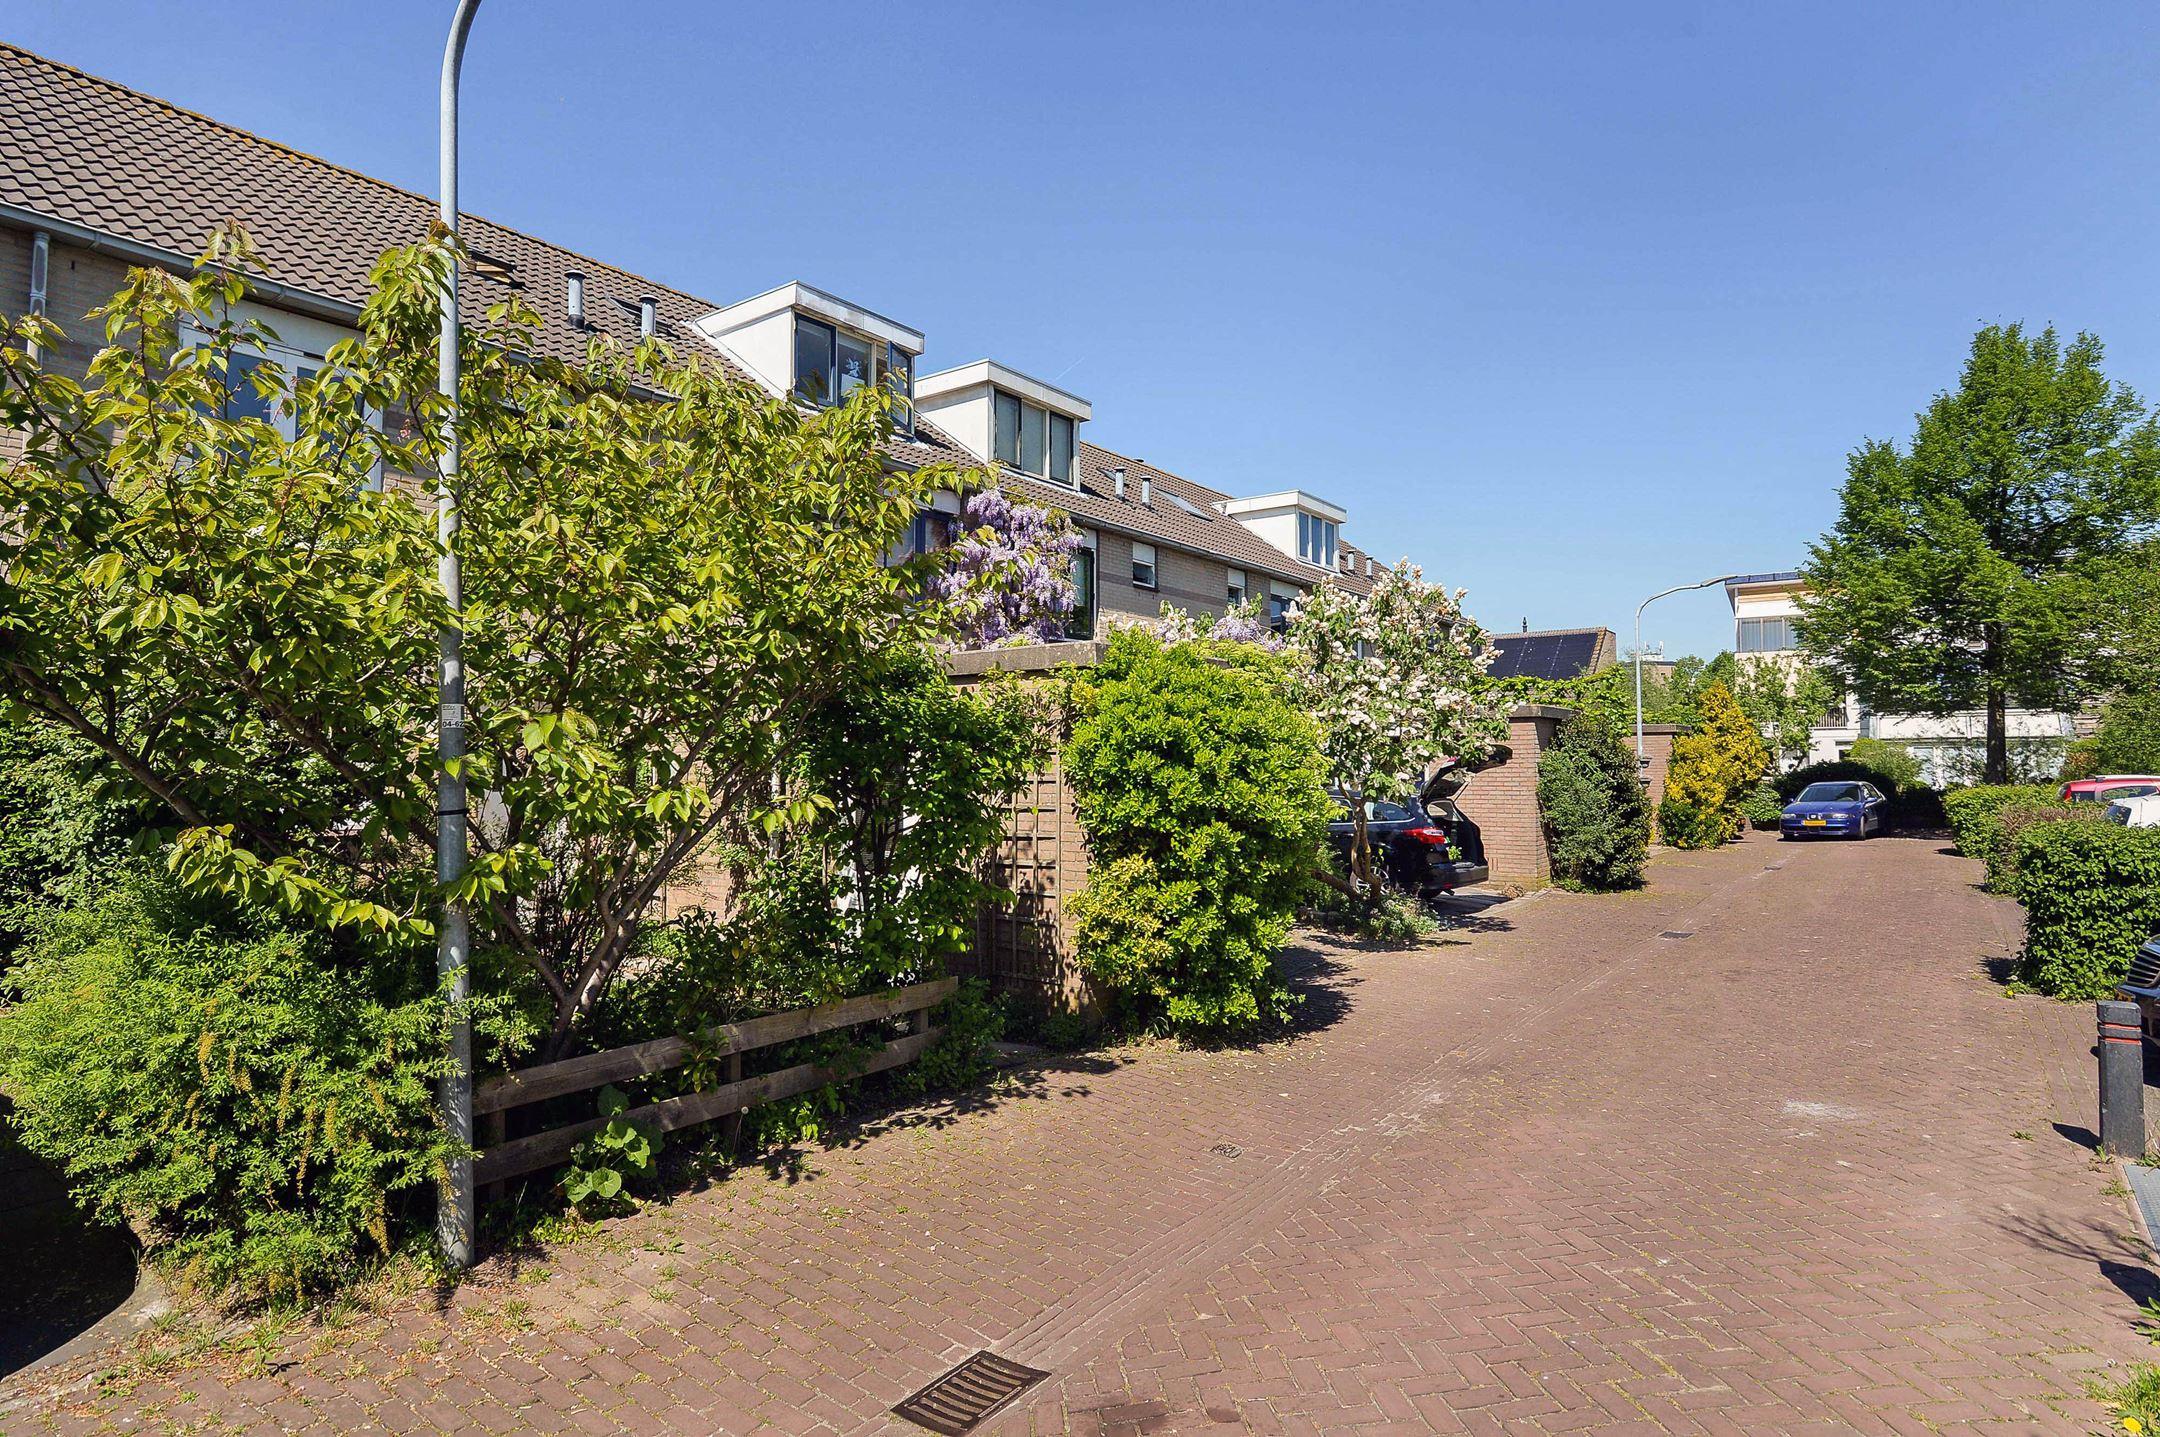 kruidenbuurt-europawijk-schalkwijk-haarlem-oost-dillestraat-12-